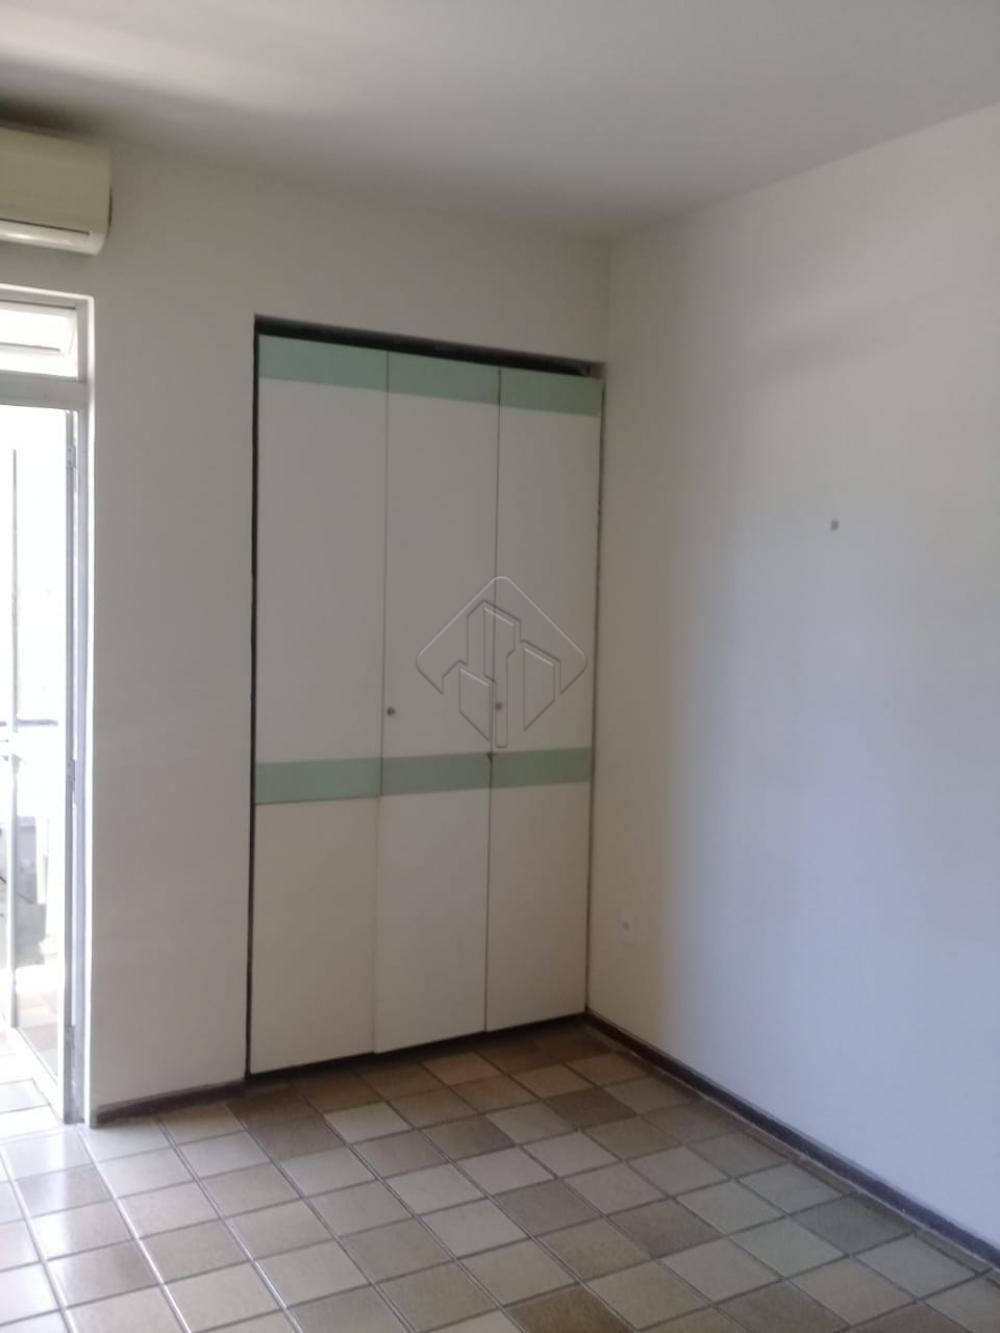 Comprar Apartamento / Padrão em João Pessoa apenas R$ 300.000,00 - Foto 59